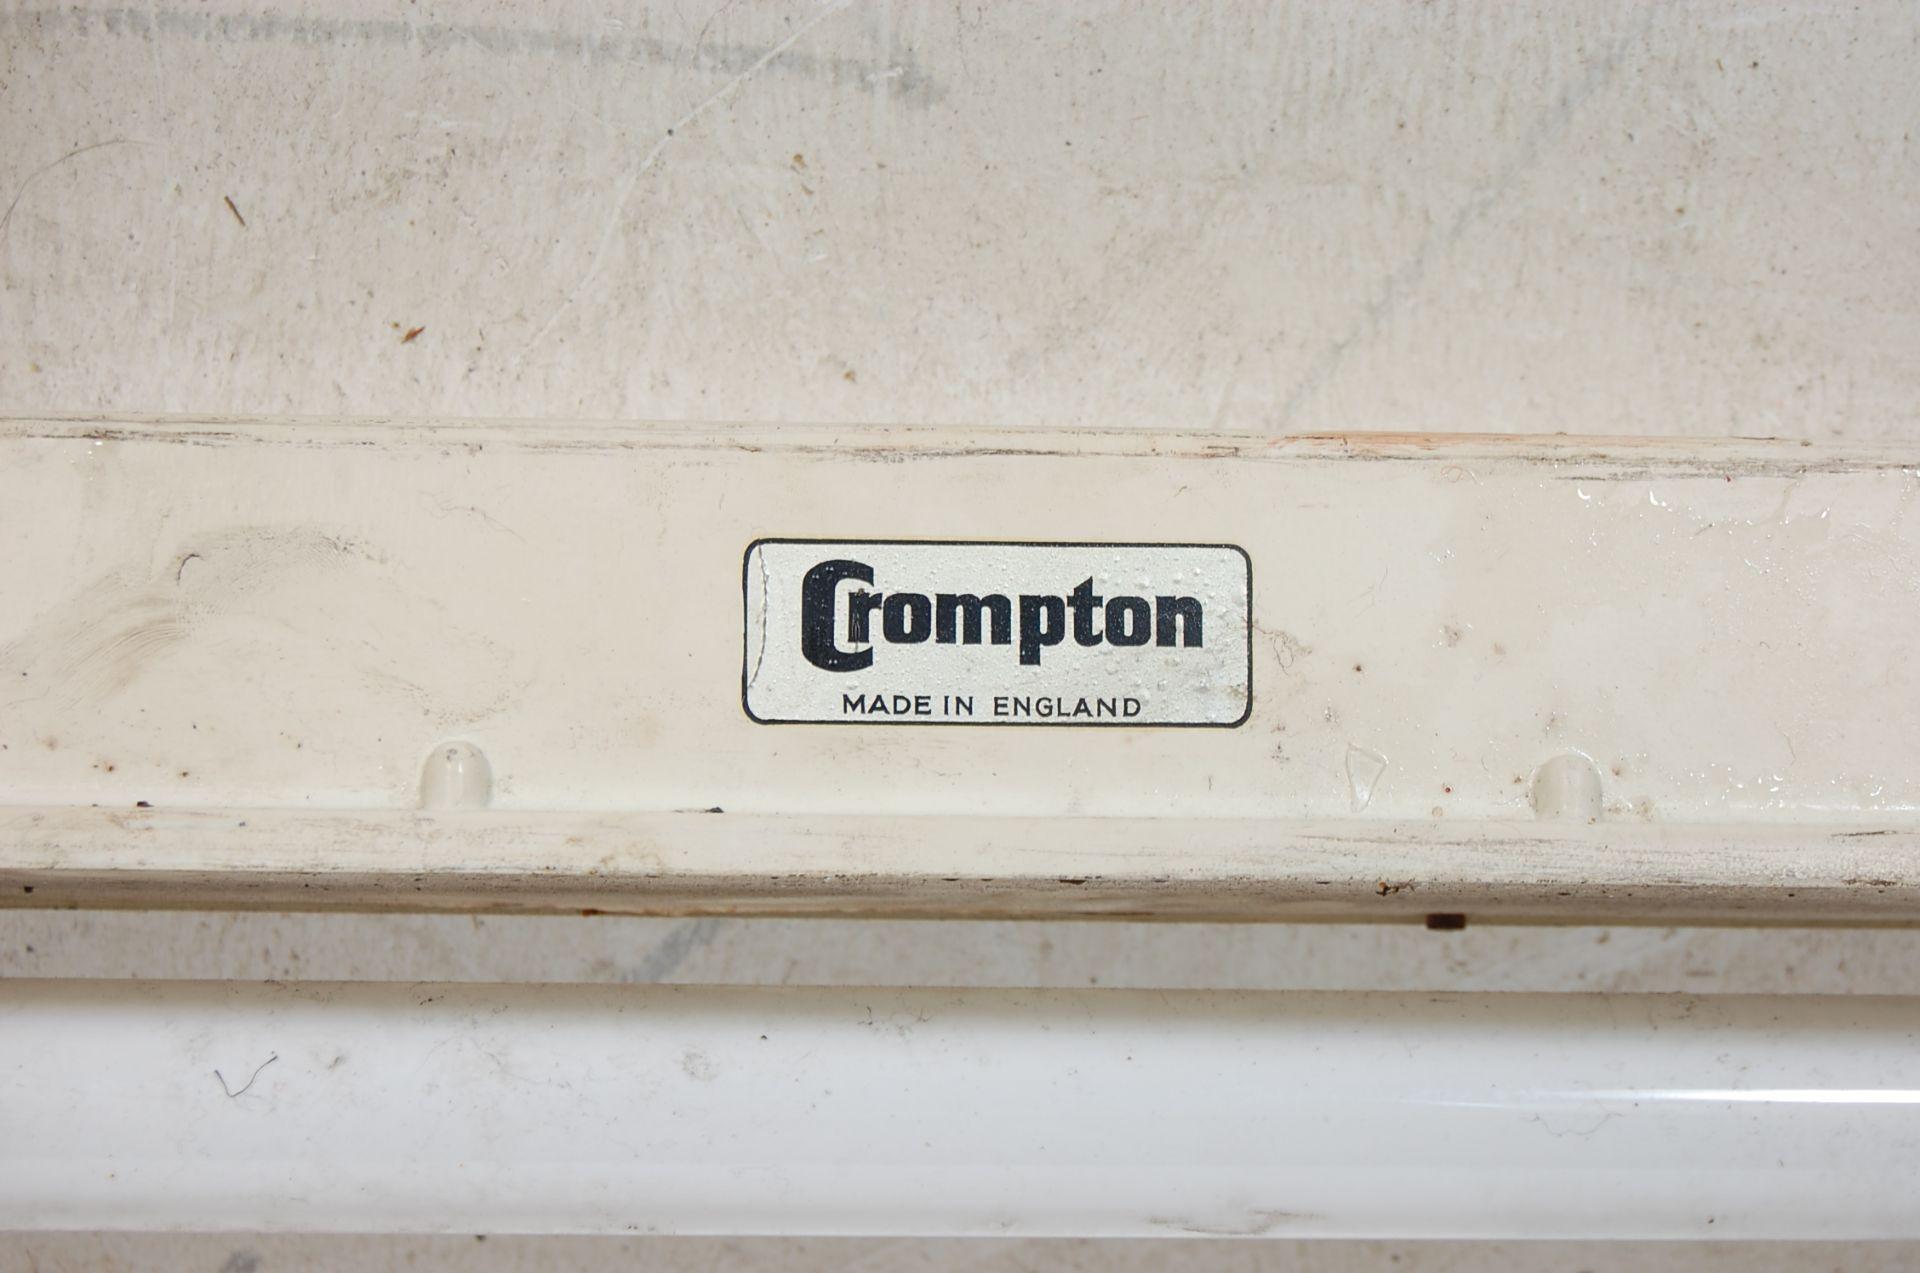 PAIR OF MID CENTURY INDUSTRIAL CROMPTON STRIP LIGHTS - Image 5 of 5